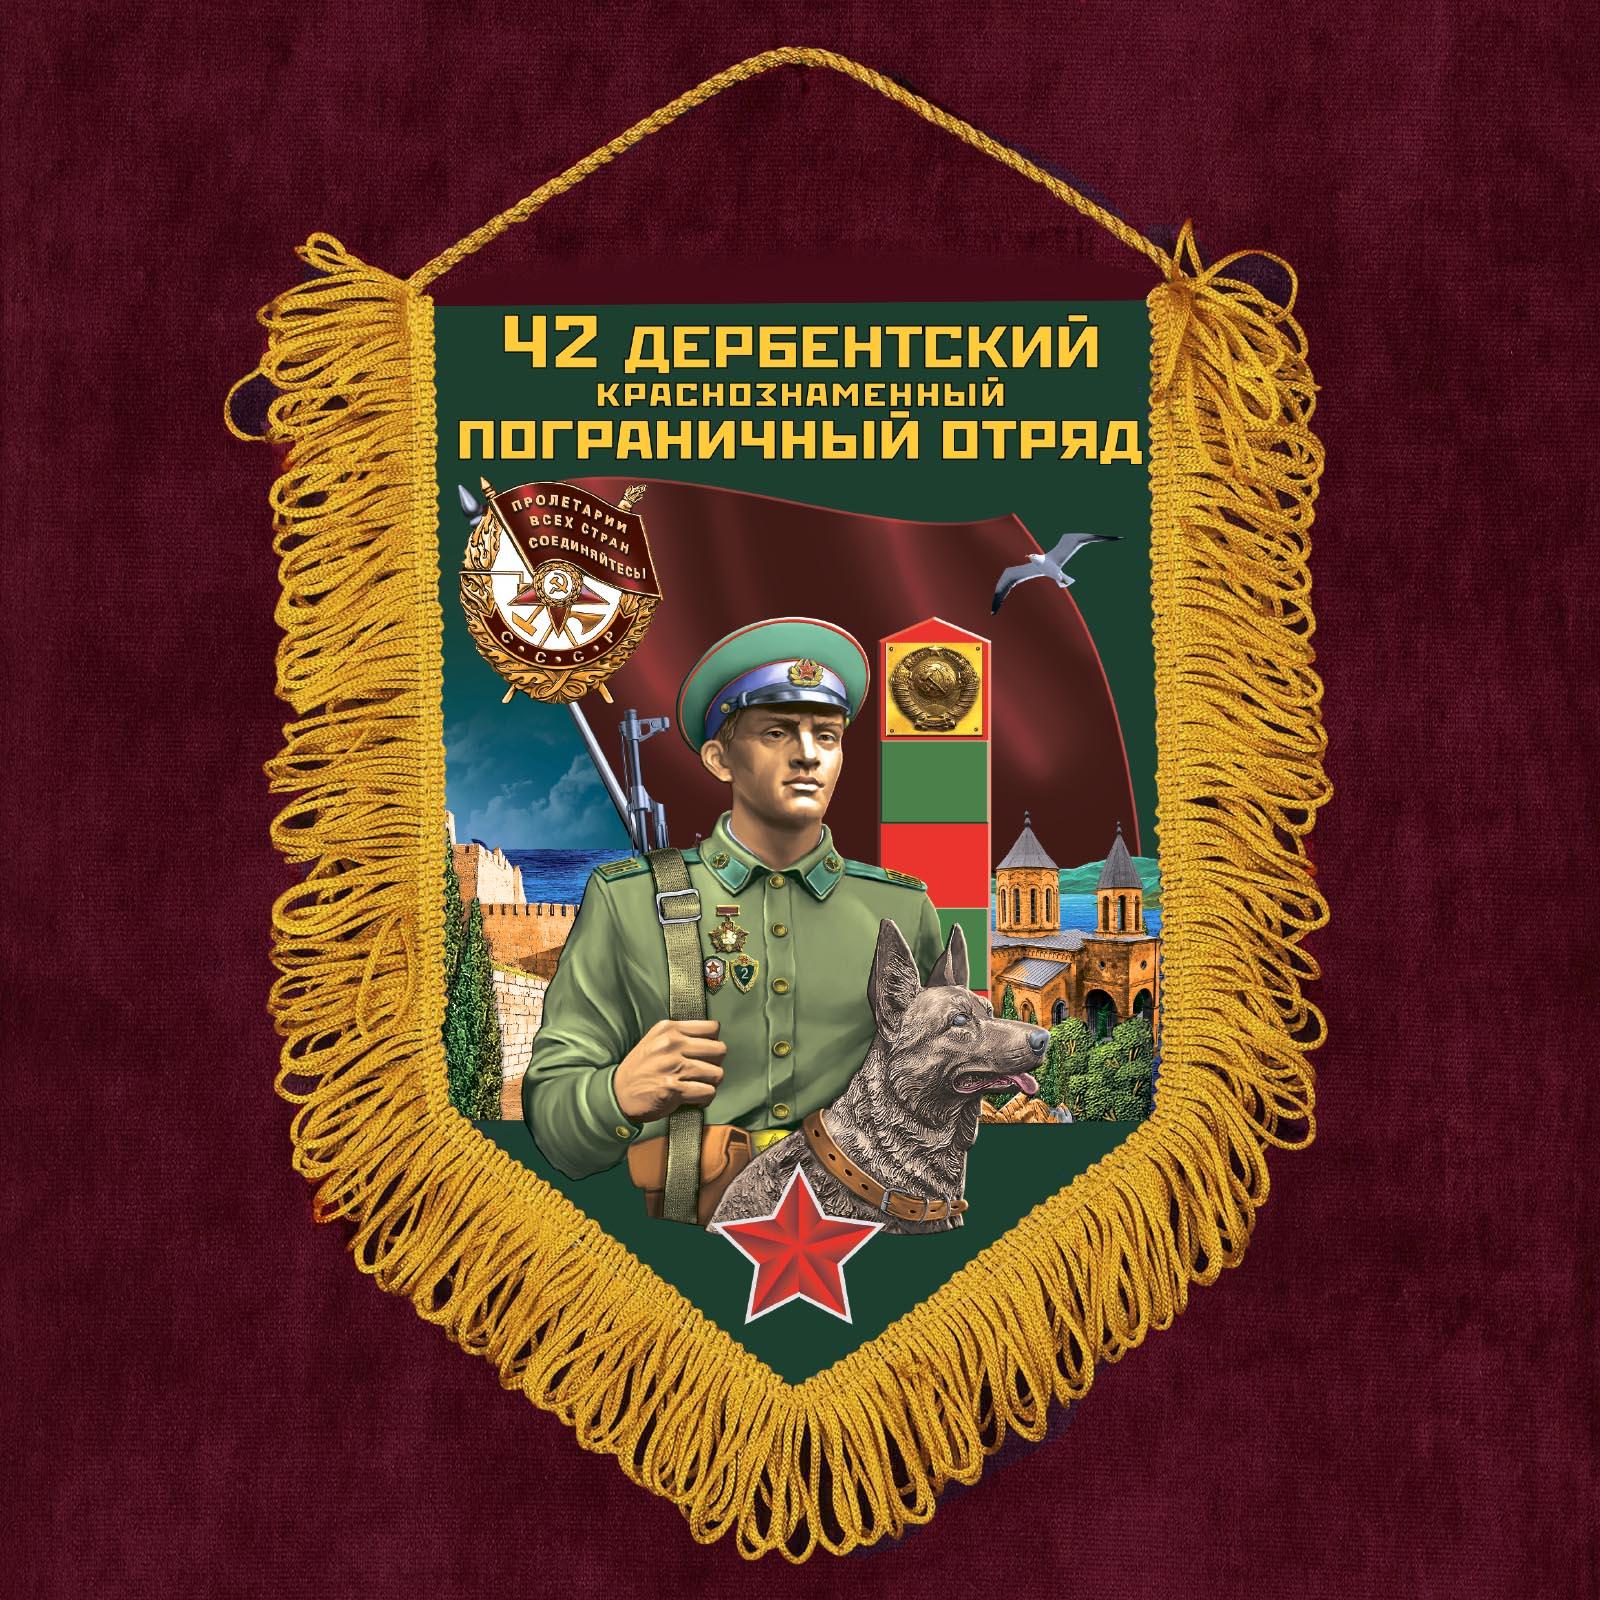 """Подарочный вымпел """"42 Дербентский пограничный отряд"""""""